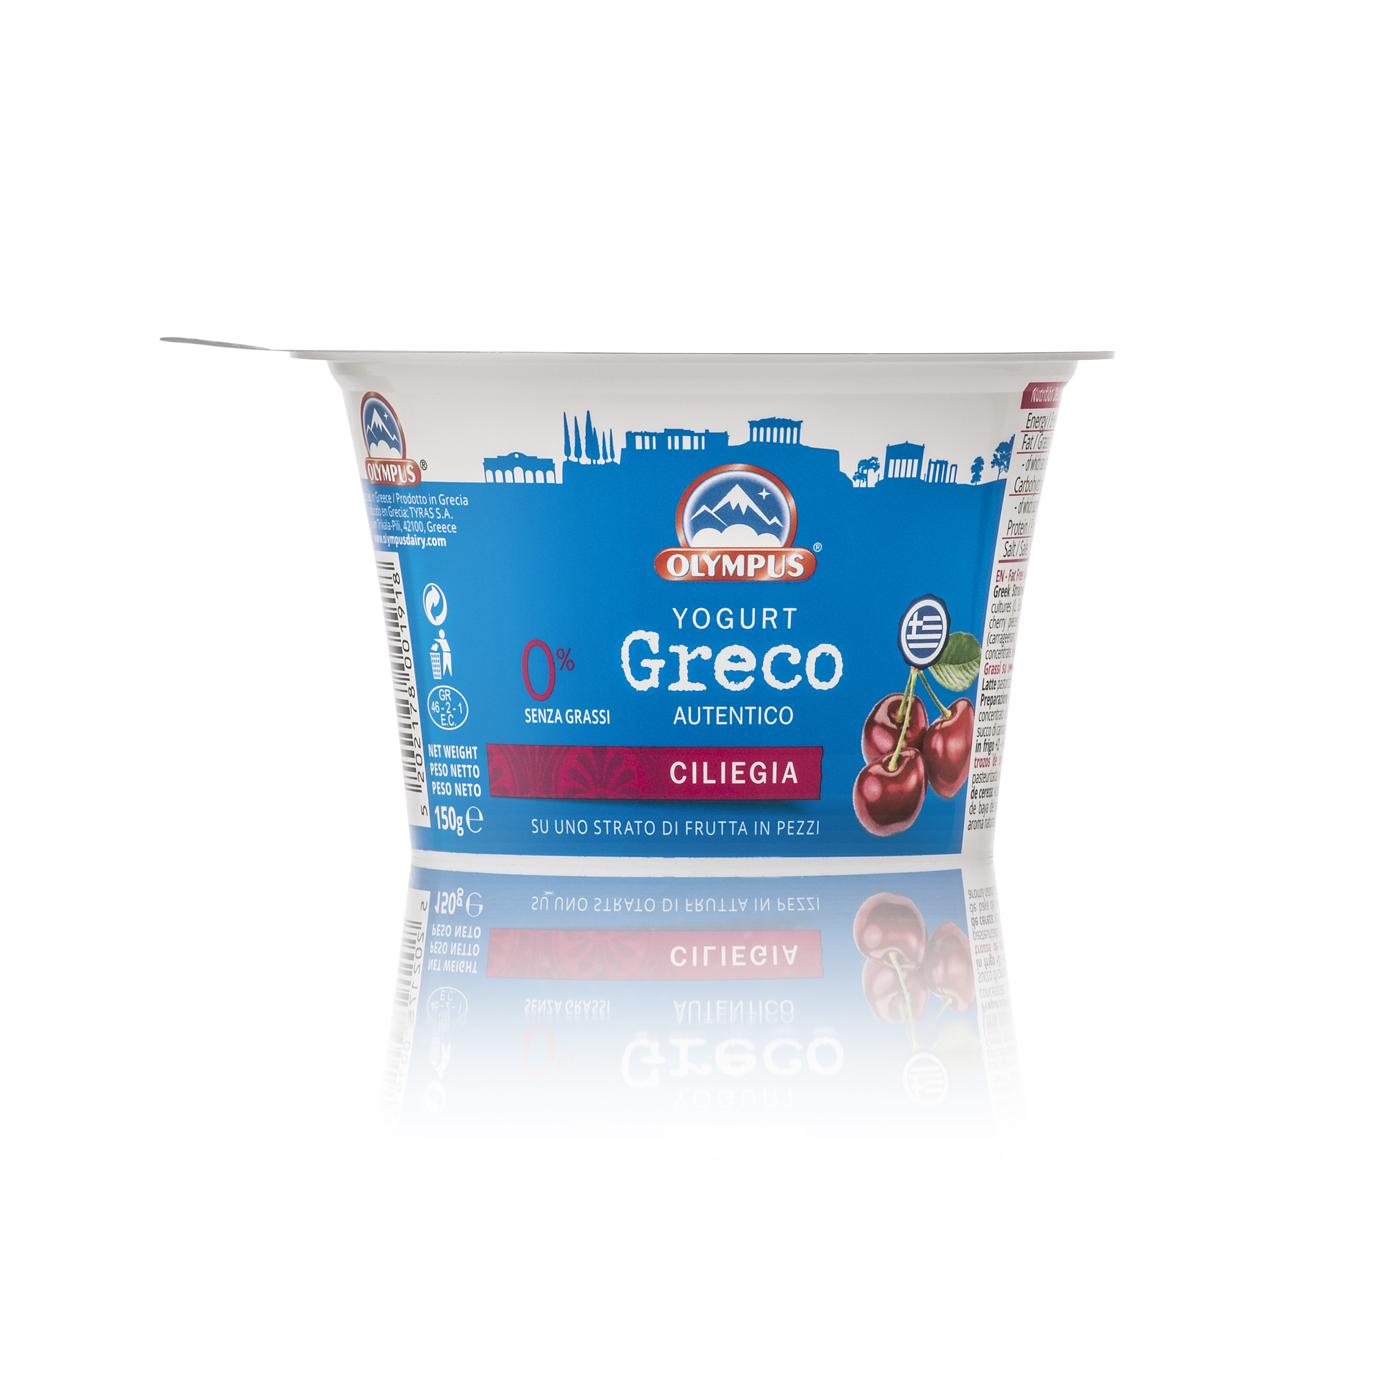 Olympus yogurt cherry